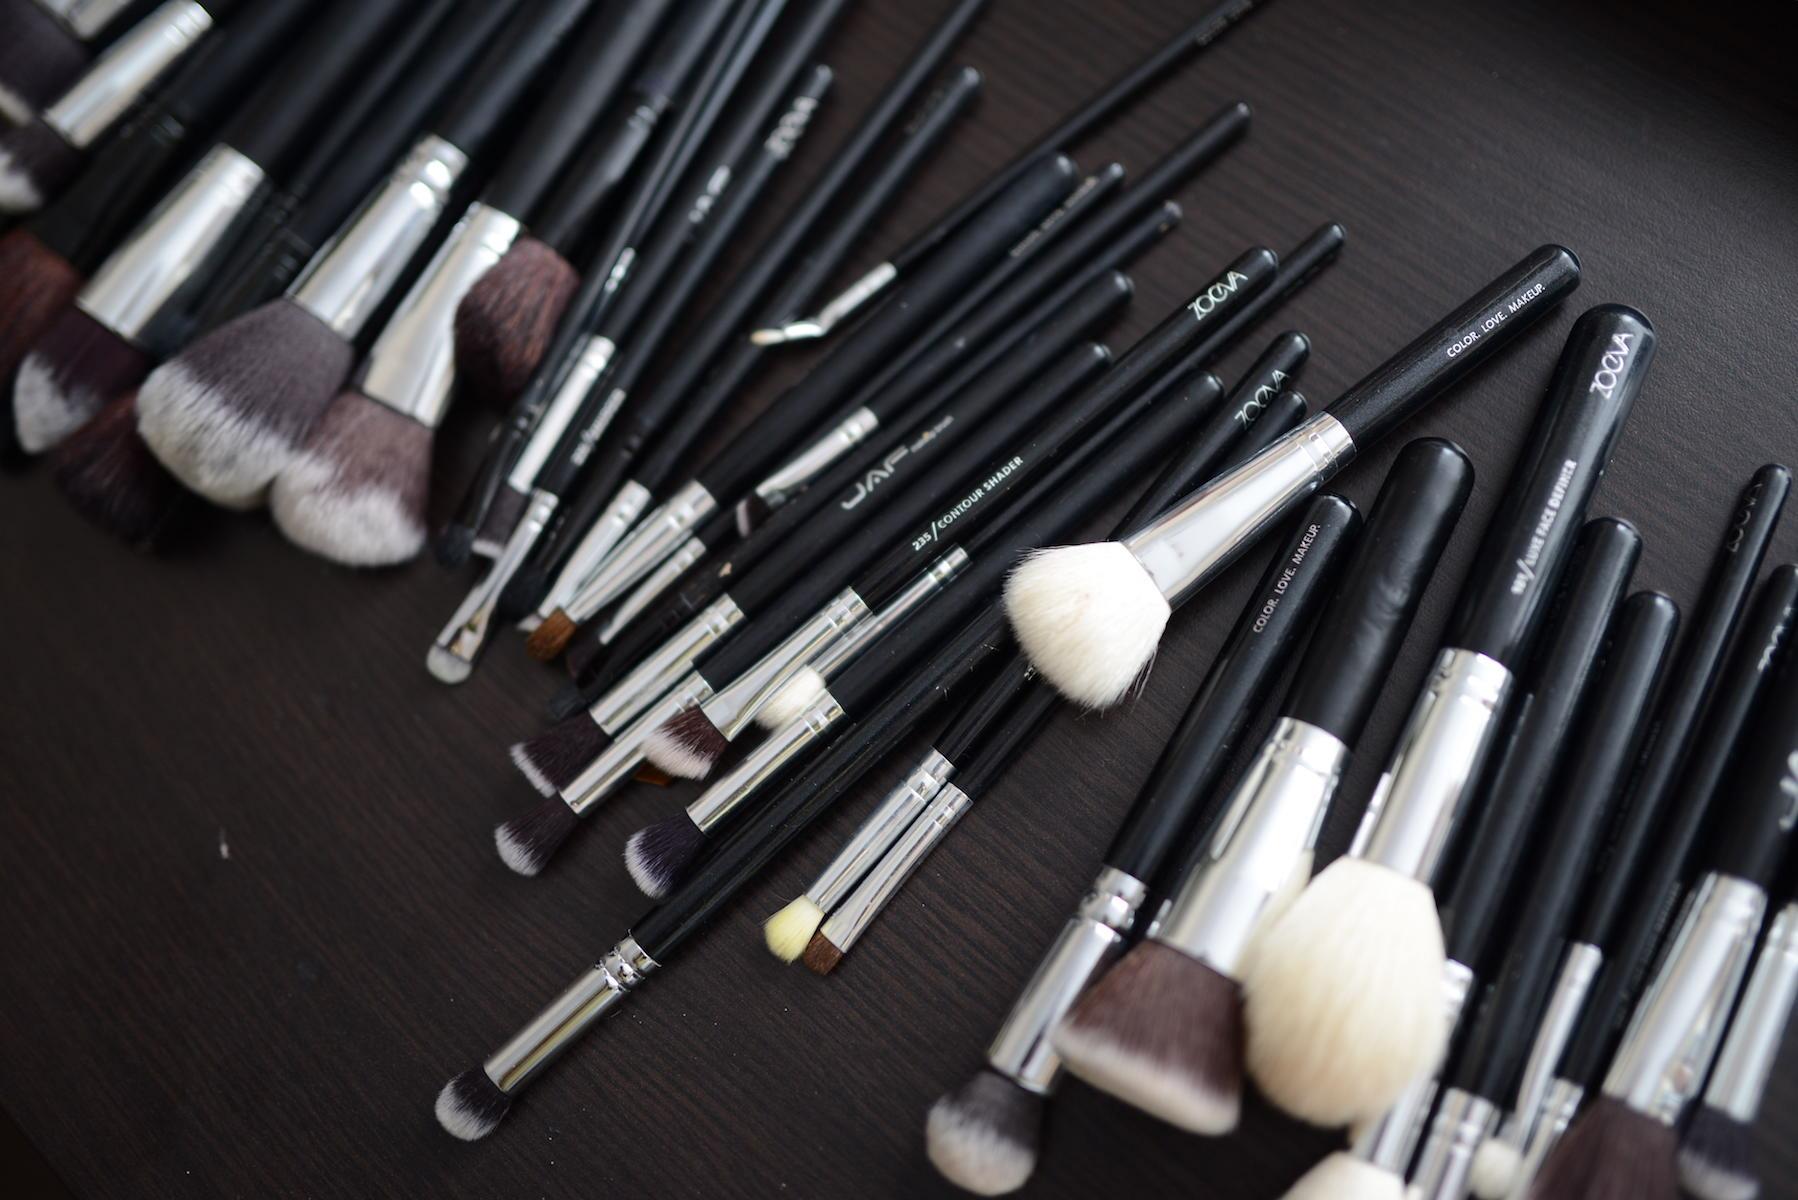 ADVANCED PRO make-up kurz